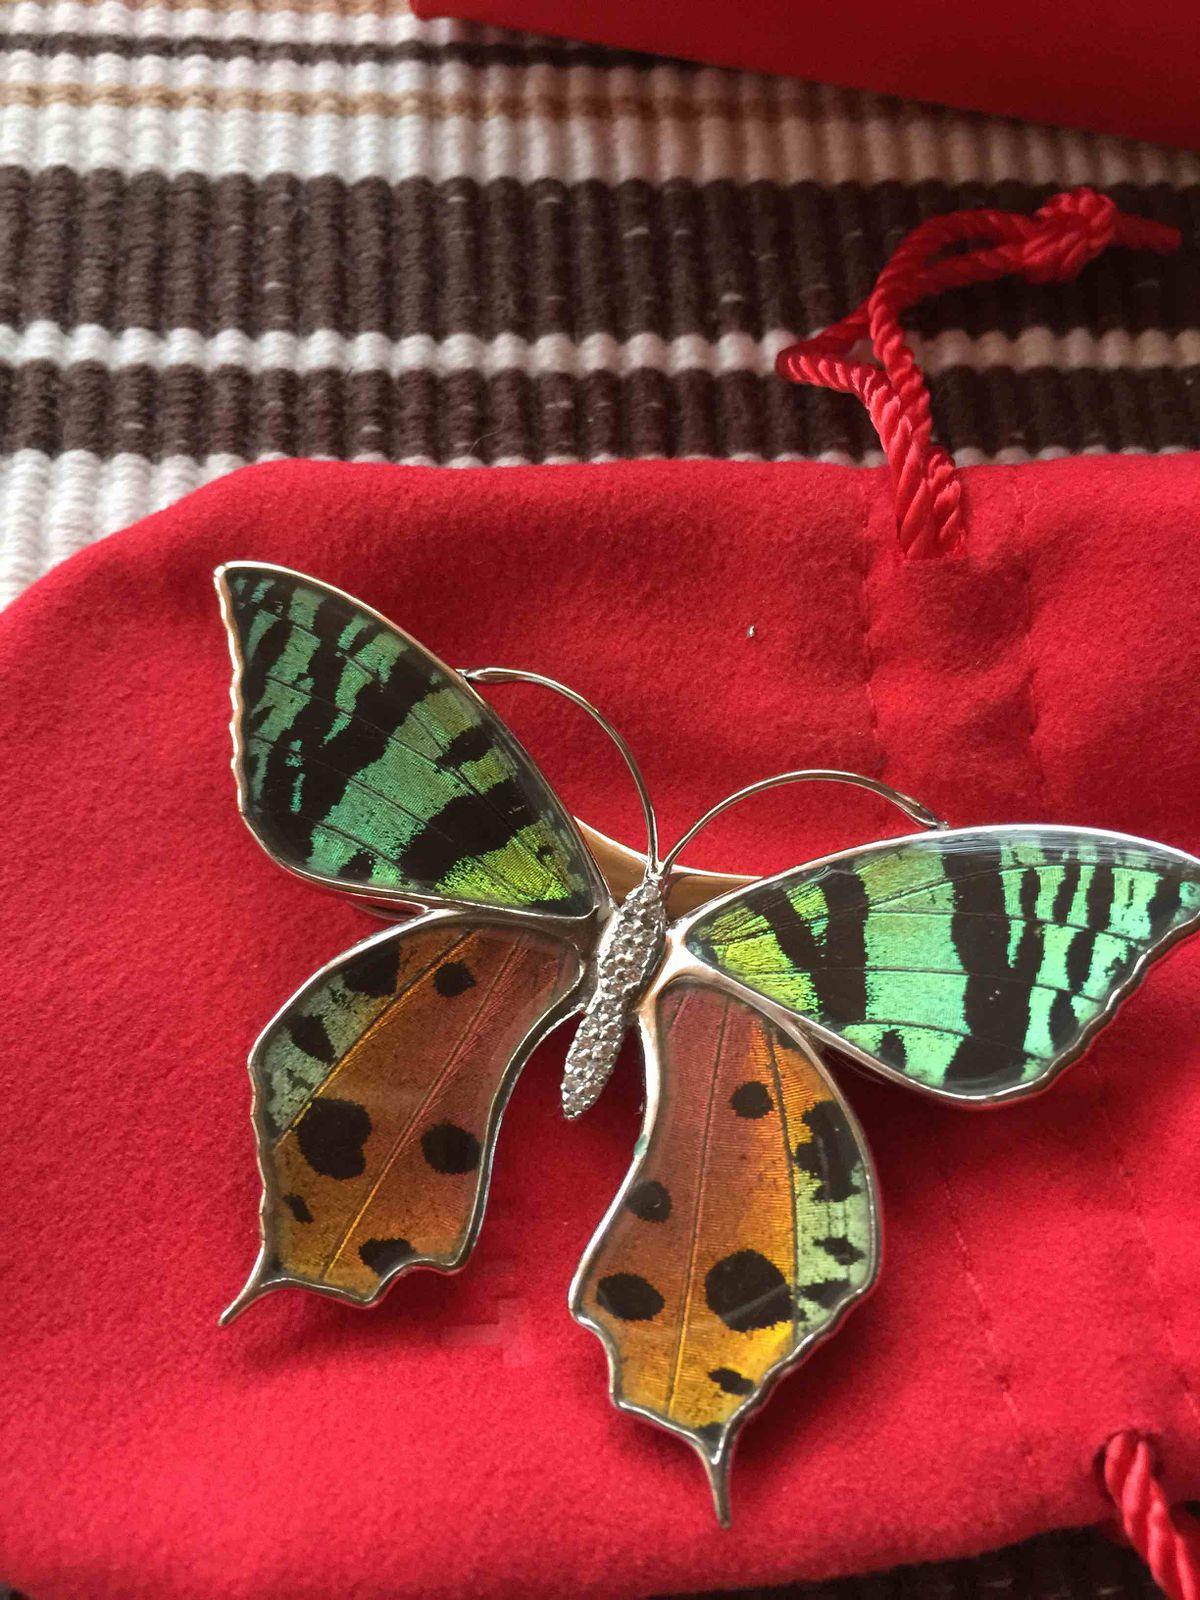 Это чудо!!! живая бабочка среди ваших украшений!!!